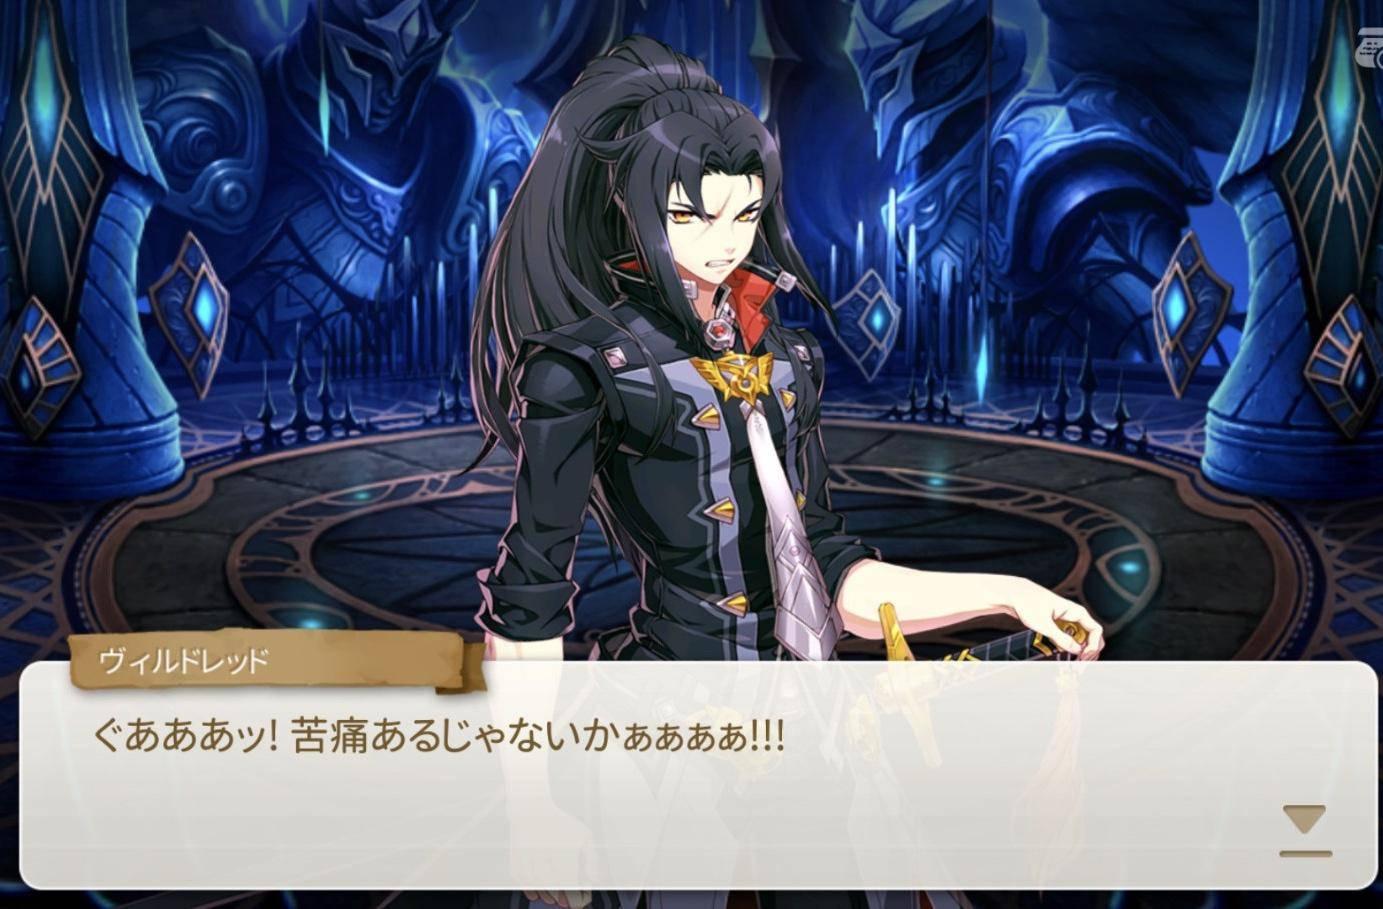 【原神】MIHOYOさんの翻訳は酷いところない? ← これ見てもそんなこと言えるのかよ!?